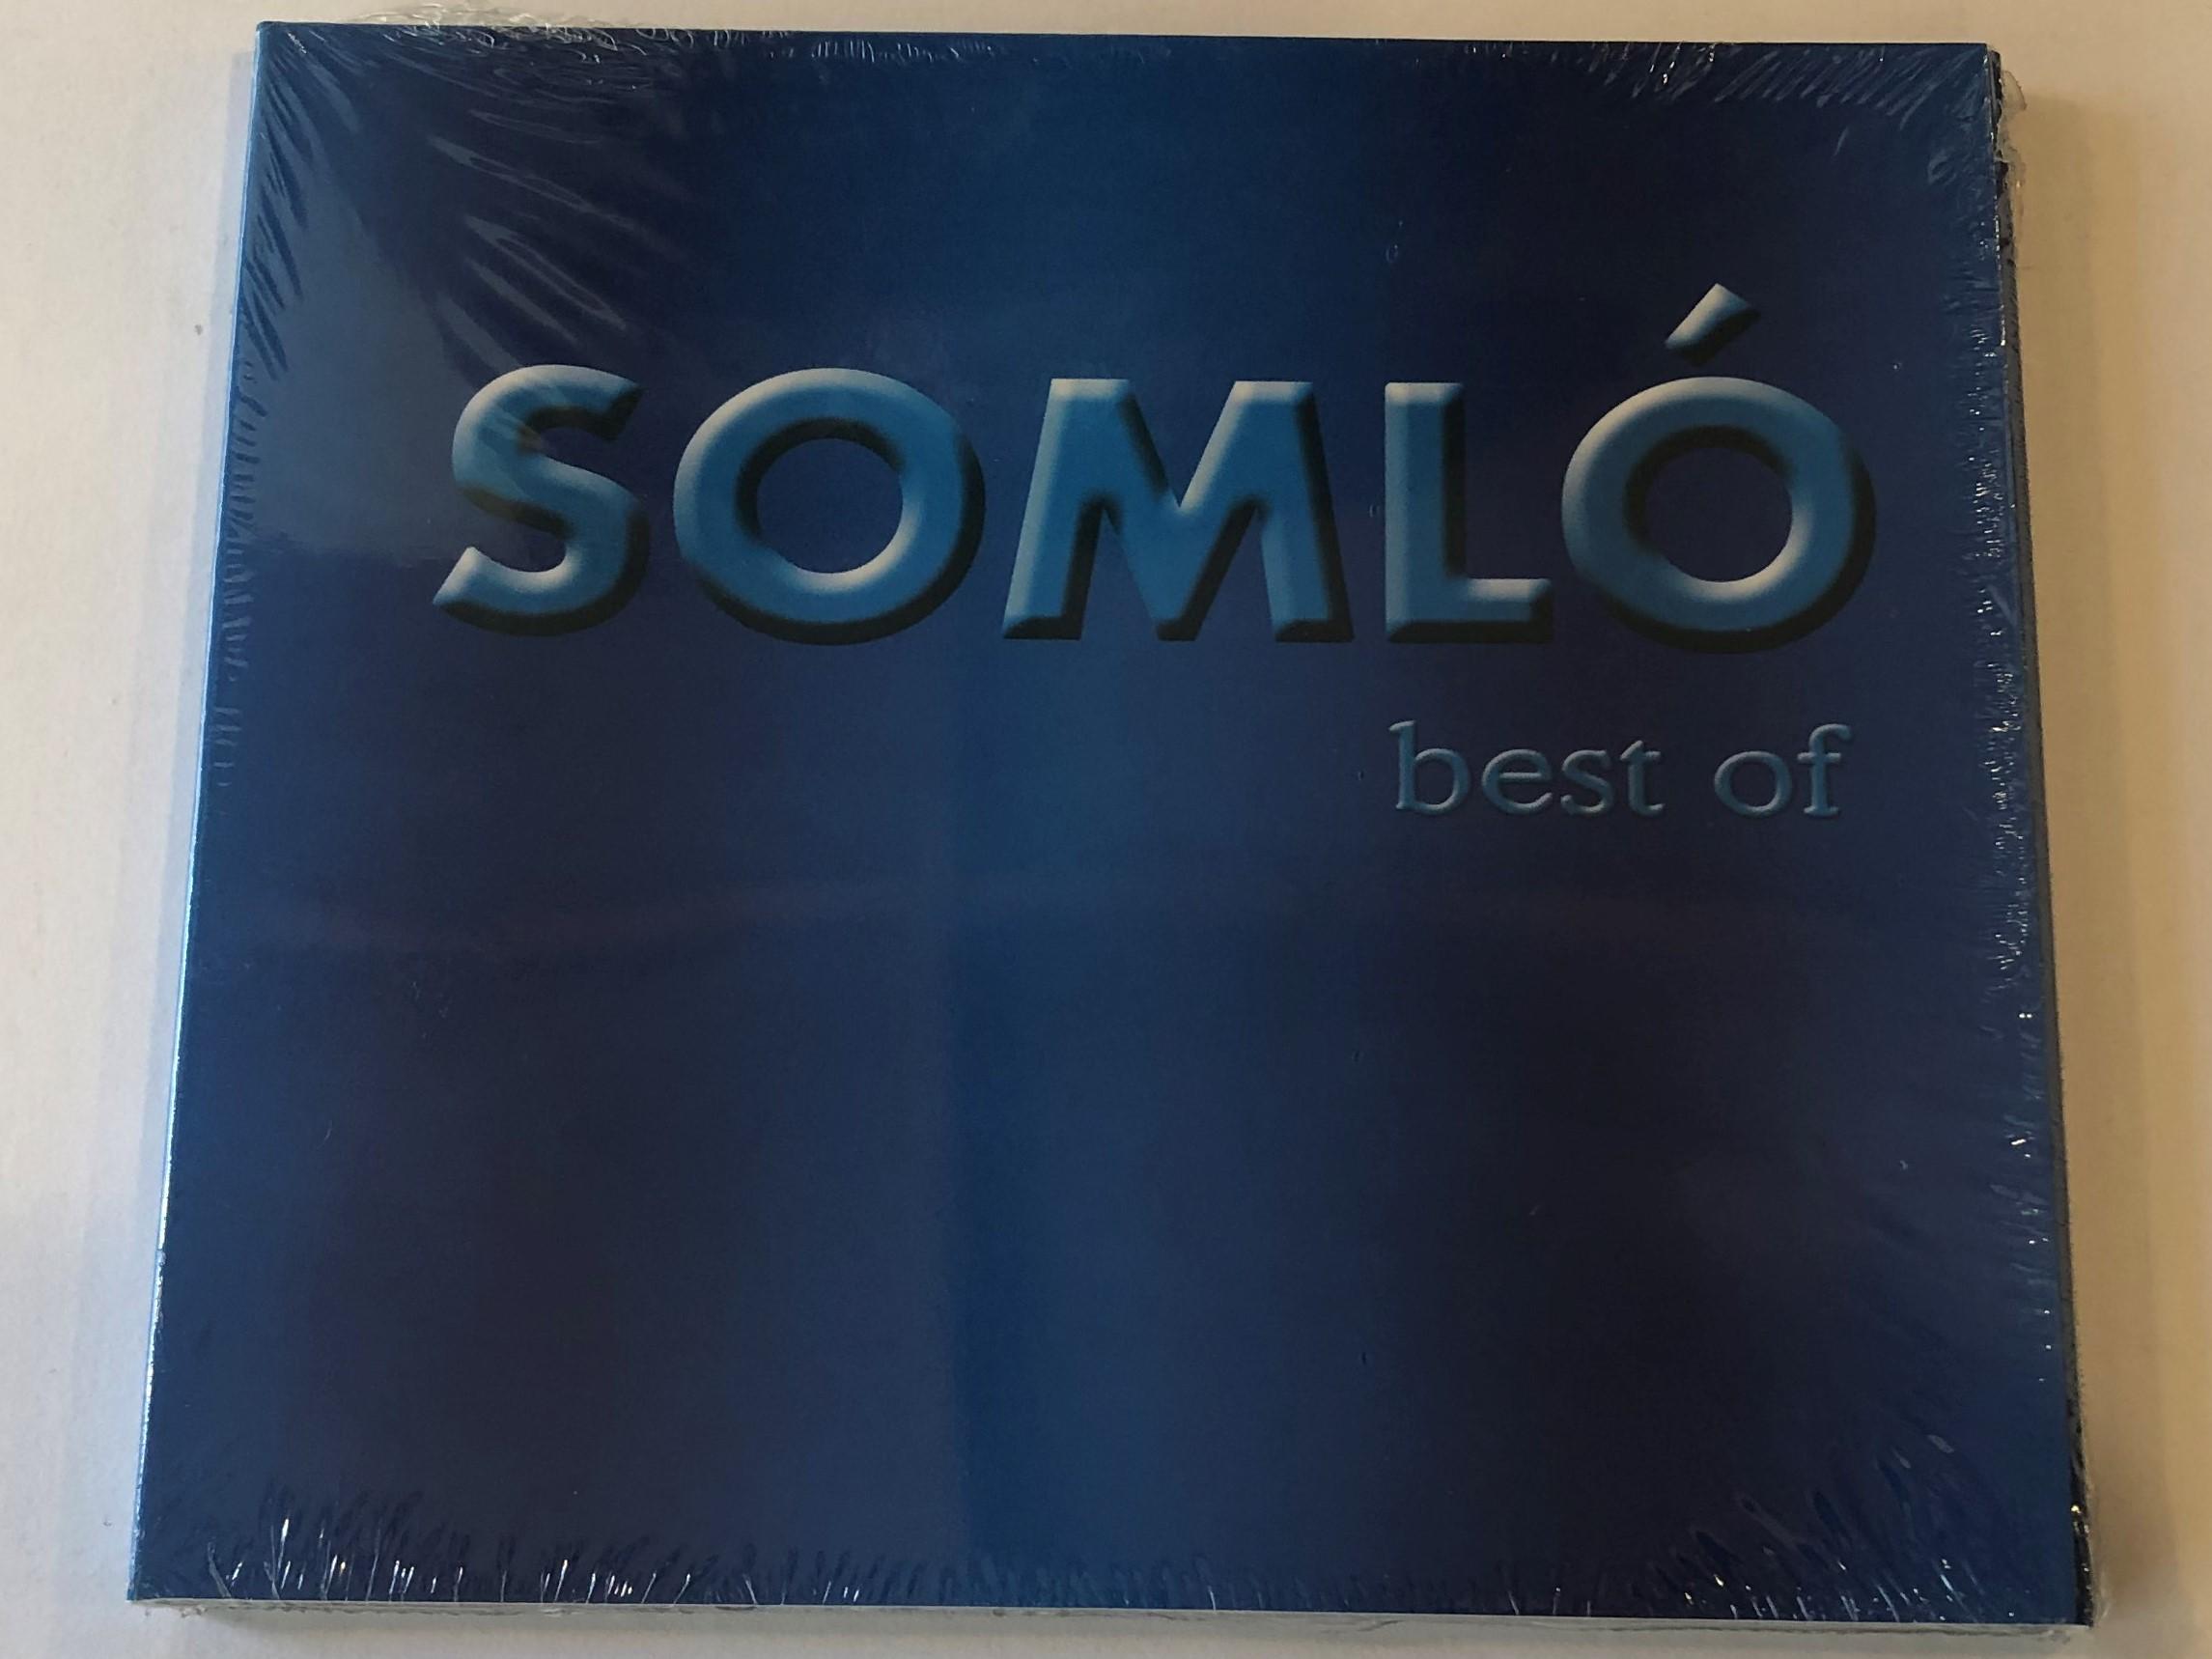 soml-best-of-audio-cd-5050467289024-1-.jpg